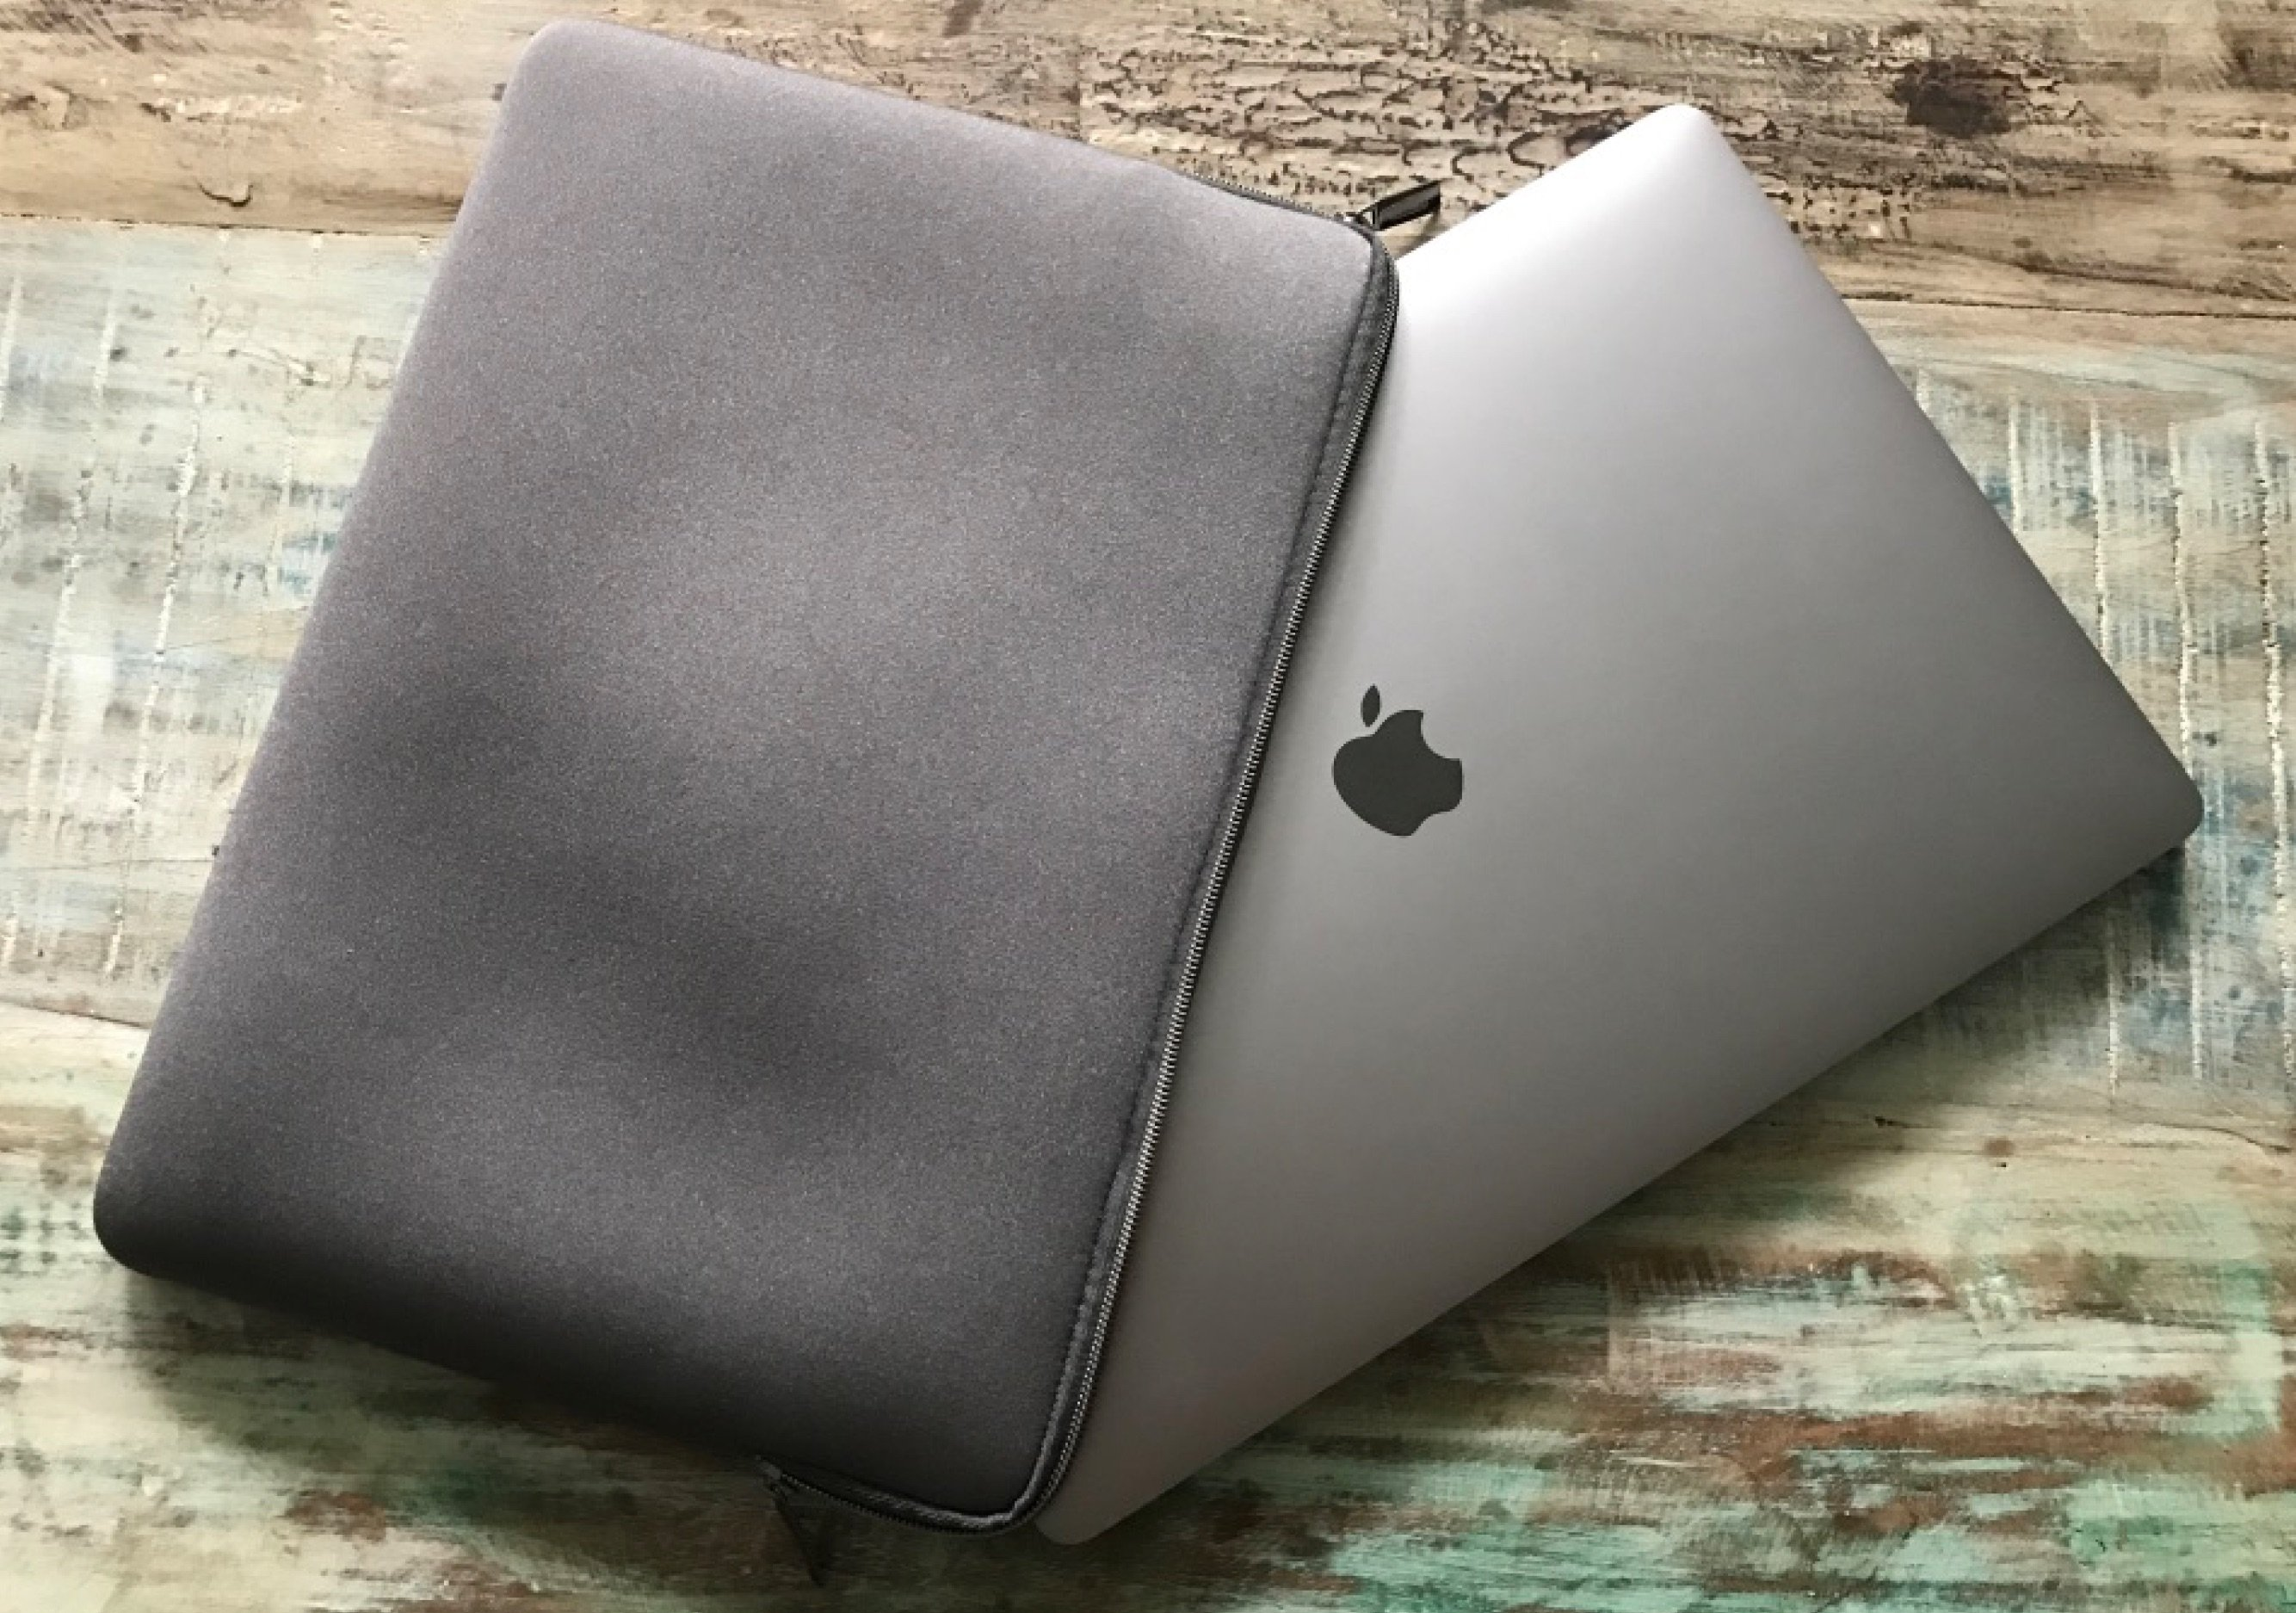 Artwizz Neoprene Sleeve: Neopren-Tasche fürs MacBook Pro 2016 6